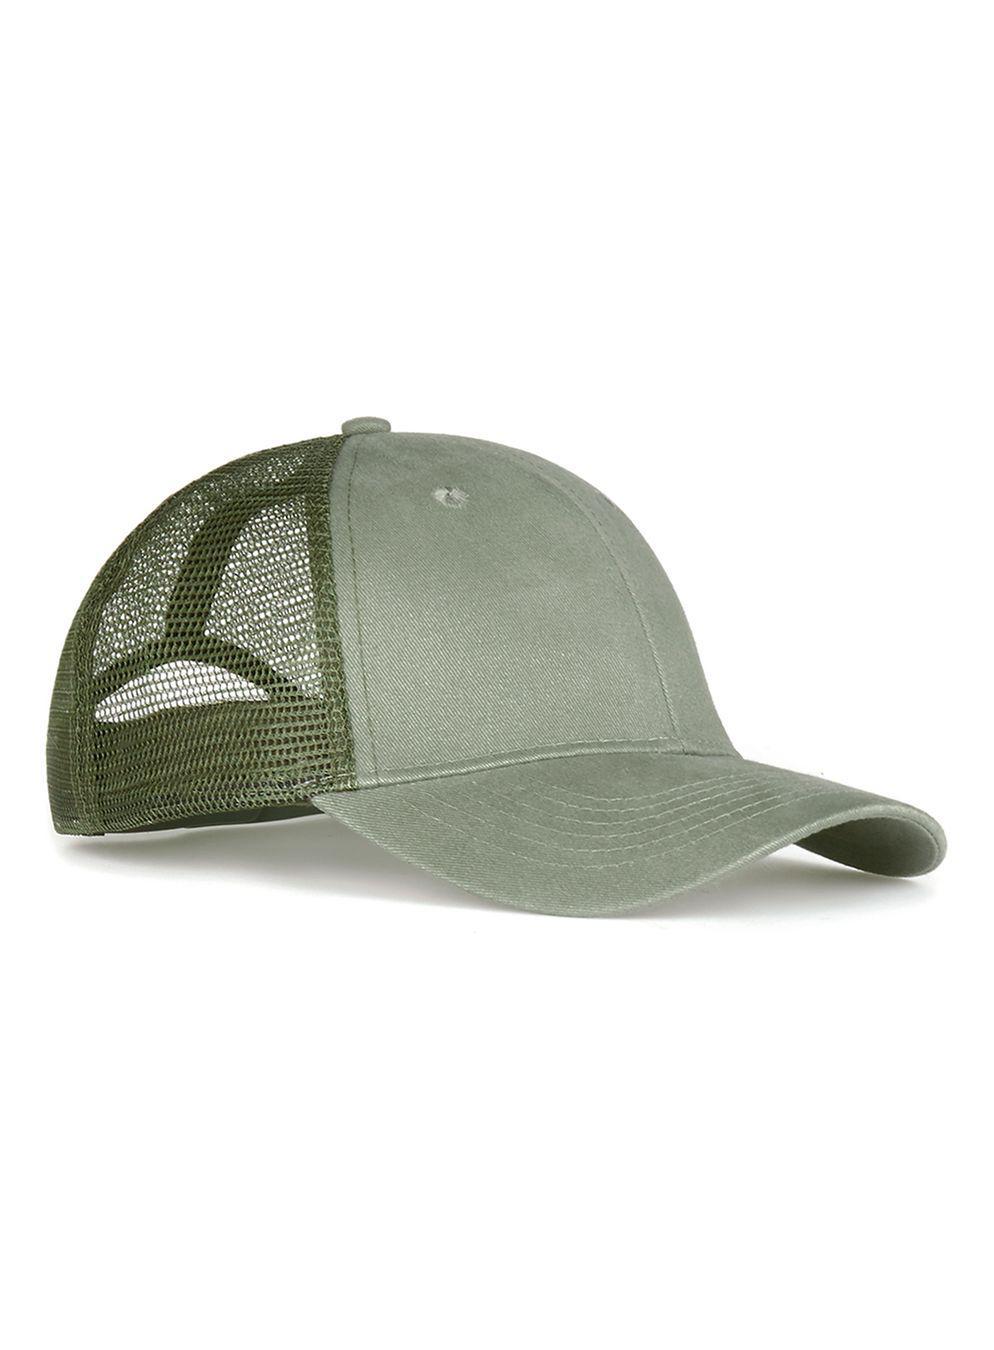 0df3a4b730e Lyst - TOPMAN Olive Mesh Trucker Cap in Green for Men